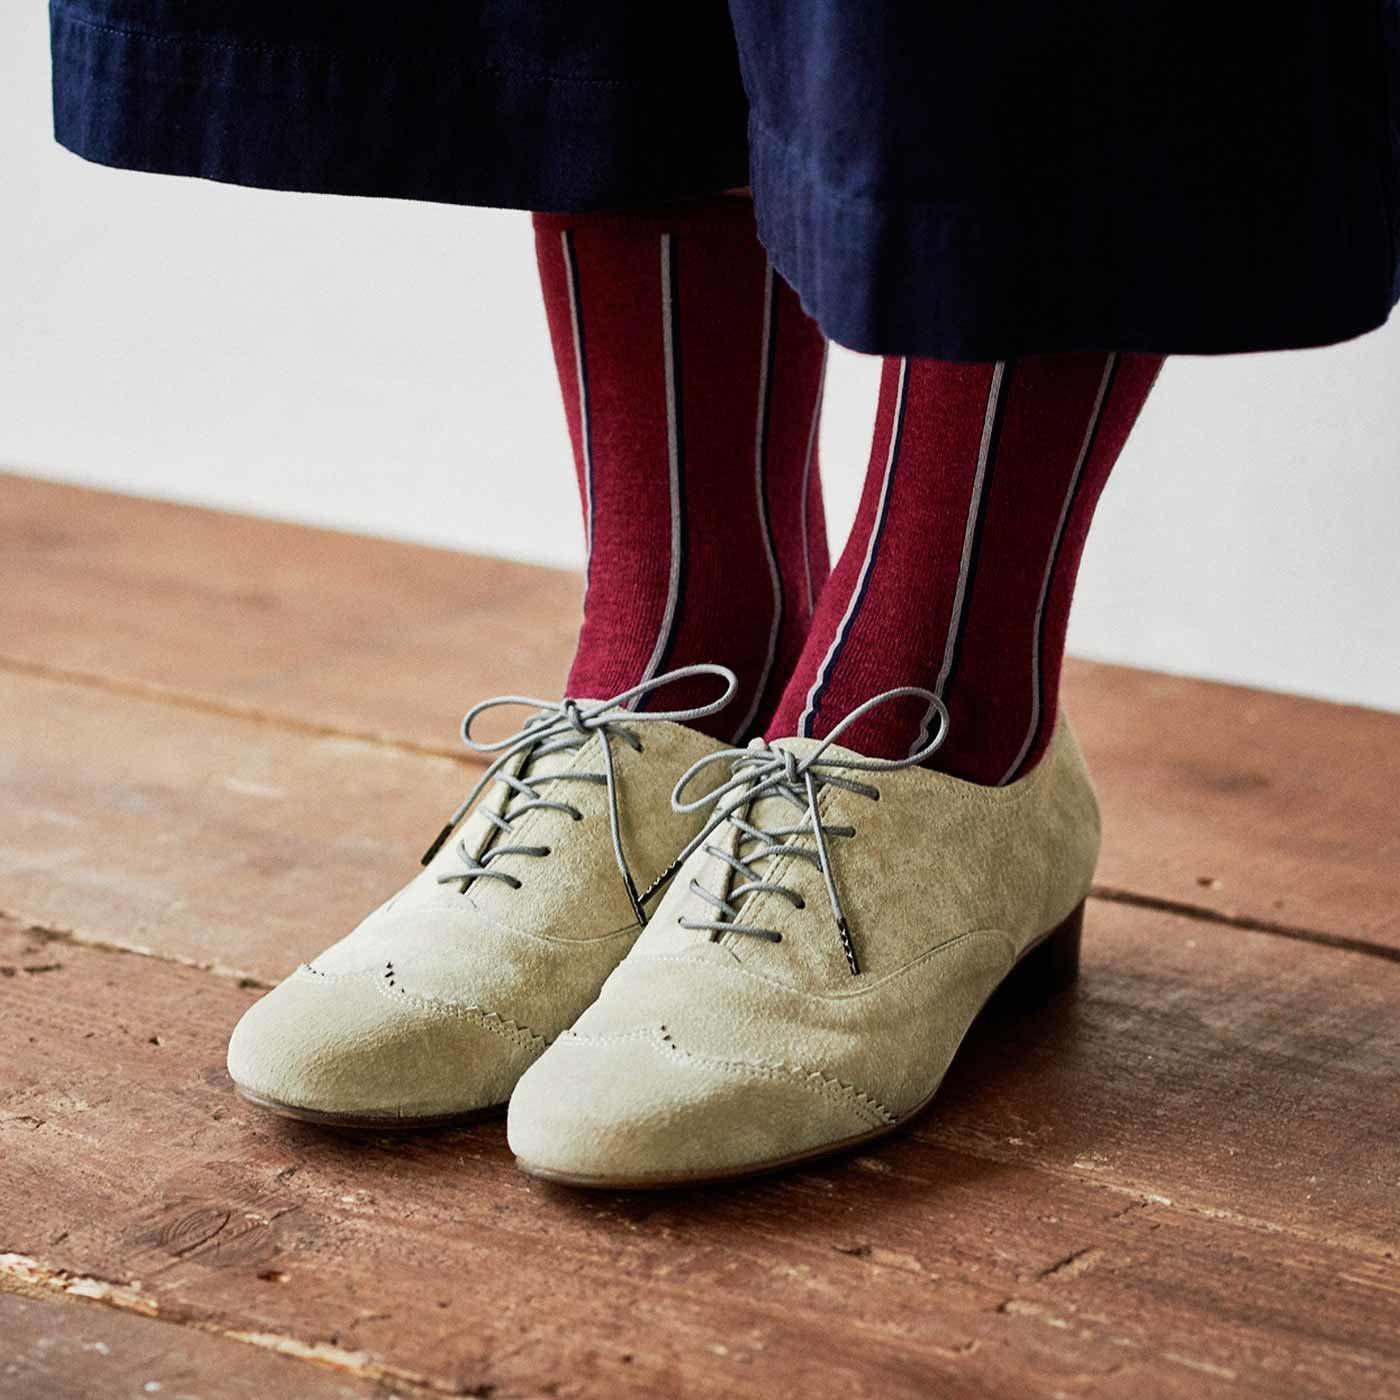 長田靴職人の本革仕立て シンプルレースアップ スエードシューズ〈エクリュ〉[本革 靴:日本製]